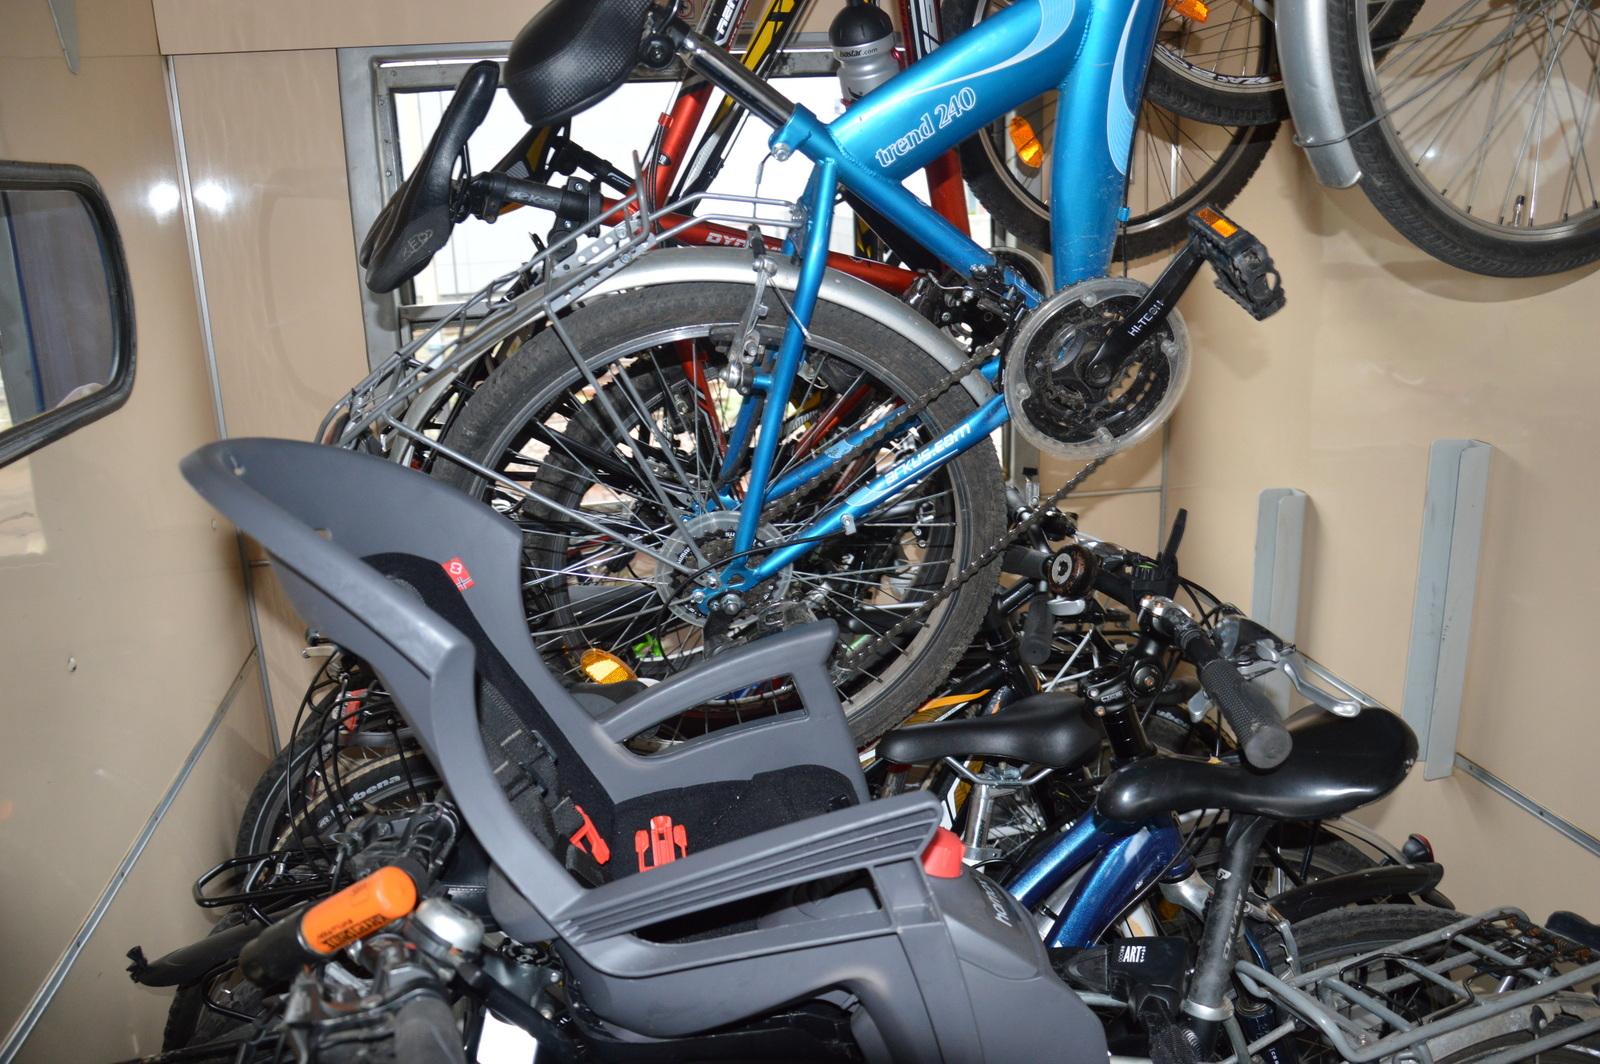 przewóz roweru pociągiem, jak przygotować rower do pociagu